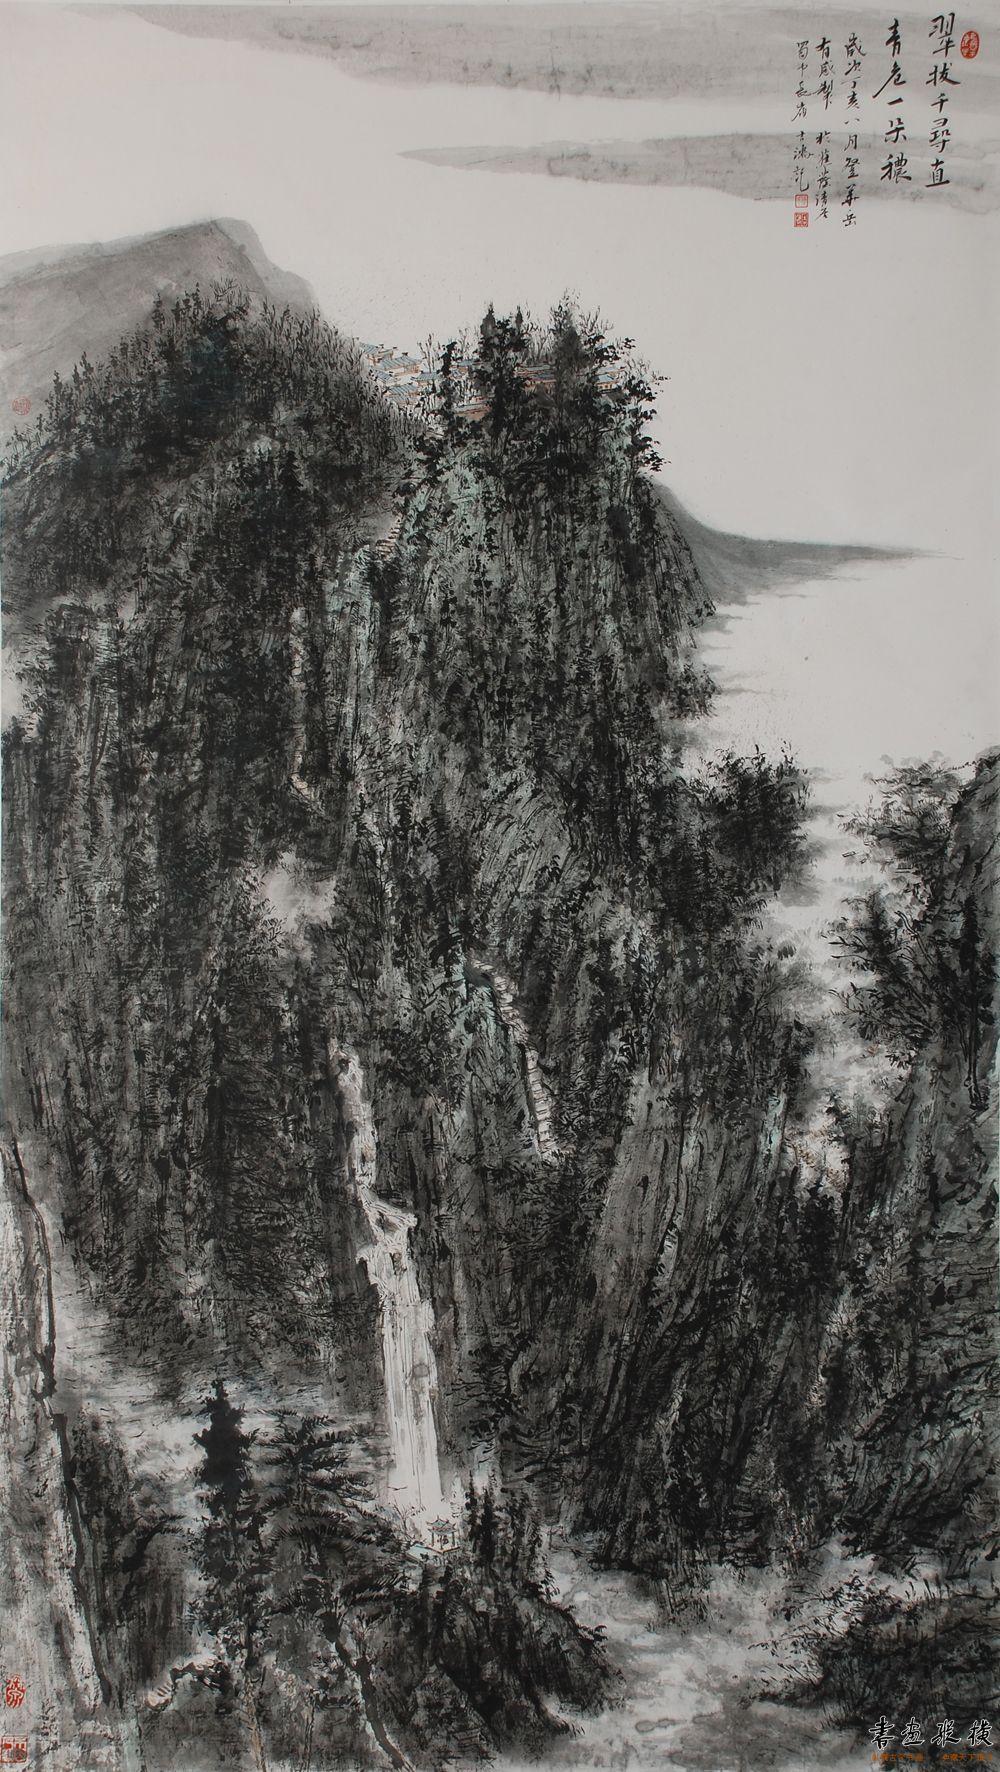 傅吉鸿 17翠拔千寻(90×180cm)纸本水墨2007年